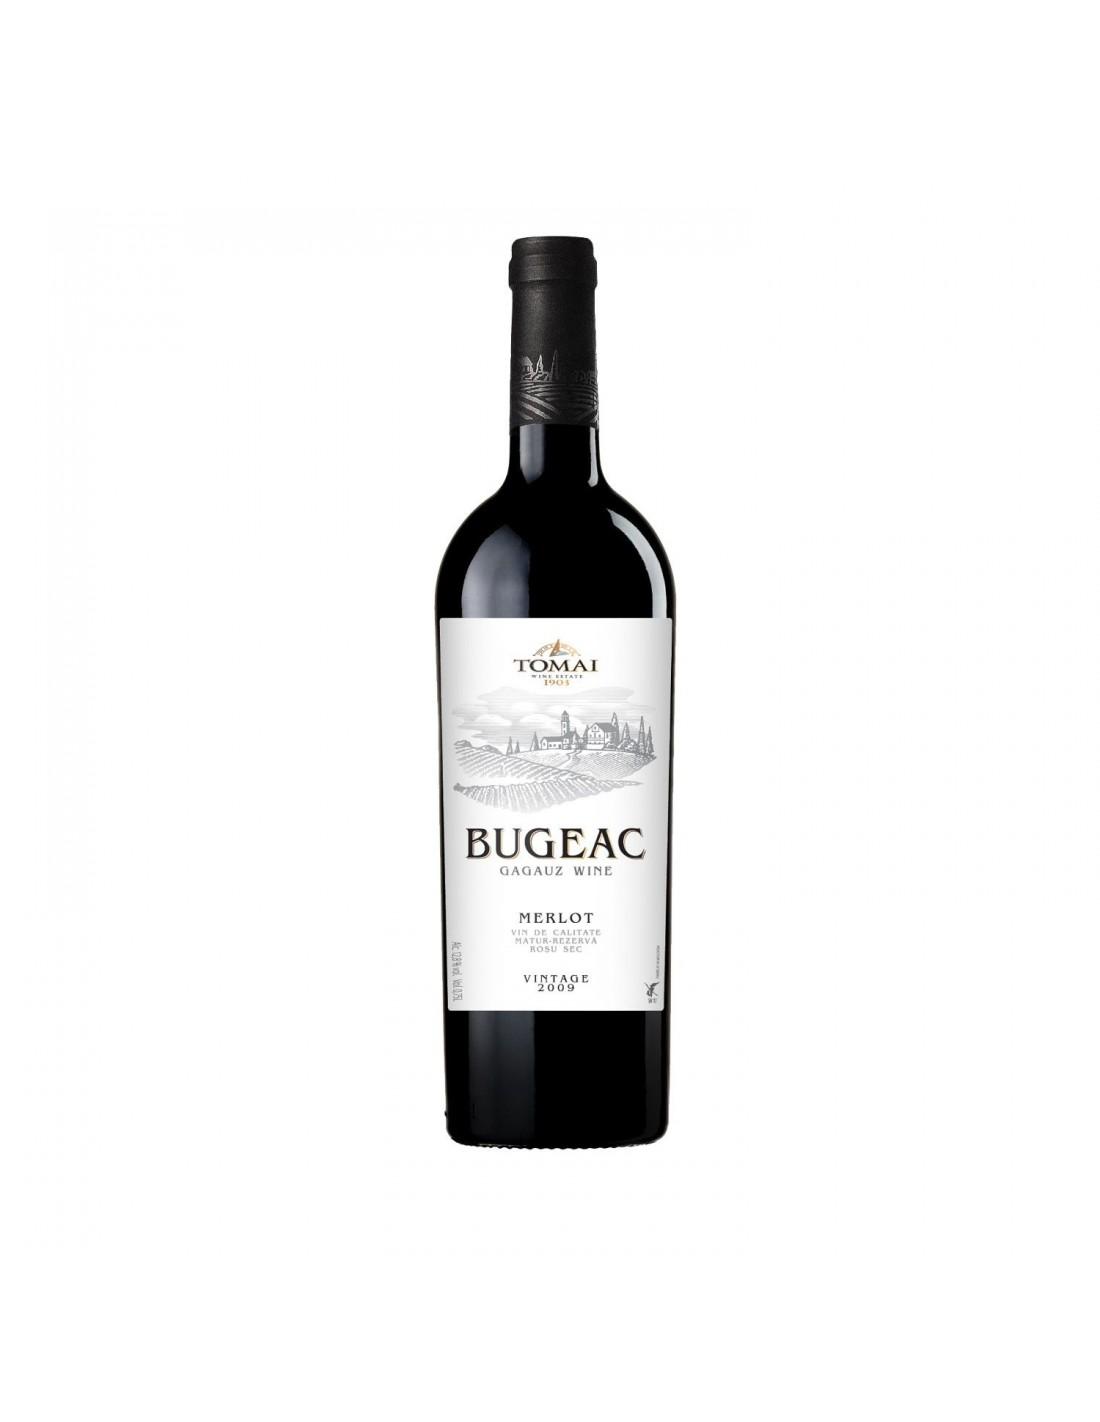 Vin rosu sec, Merlot, Buceag, 0.75L, Republica Moldova